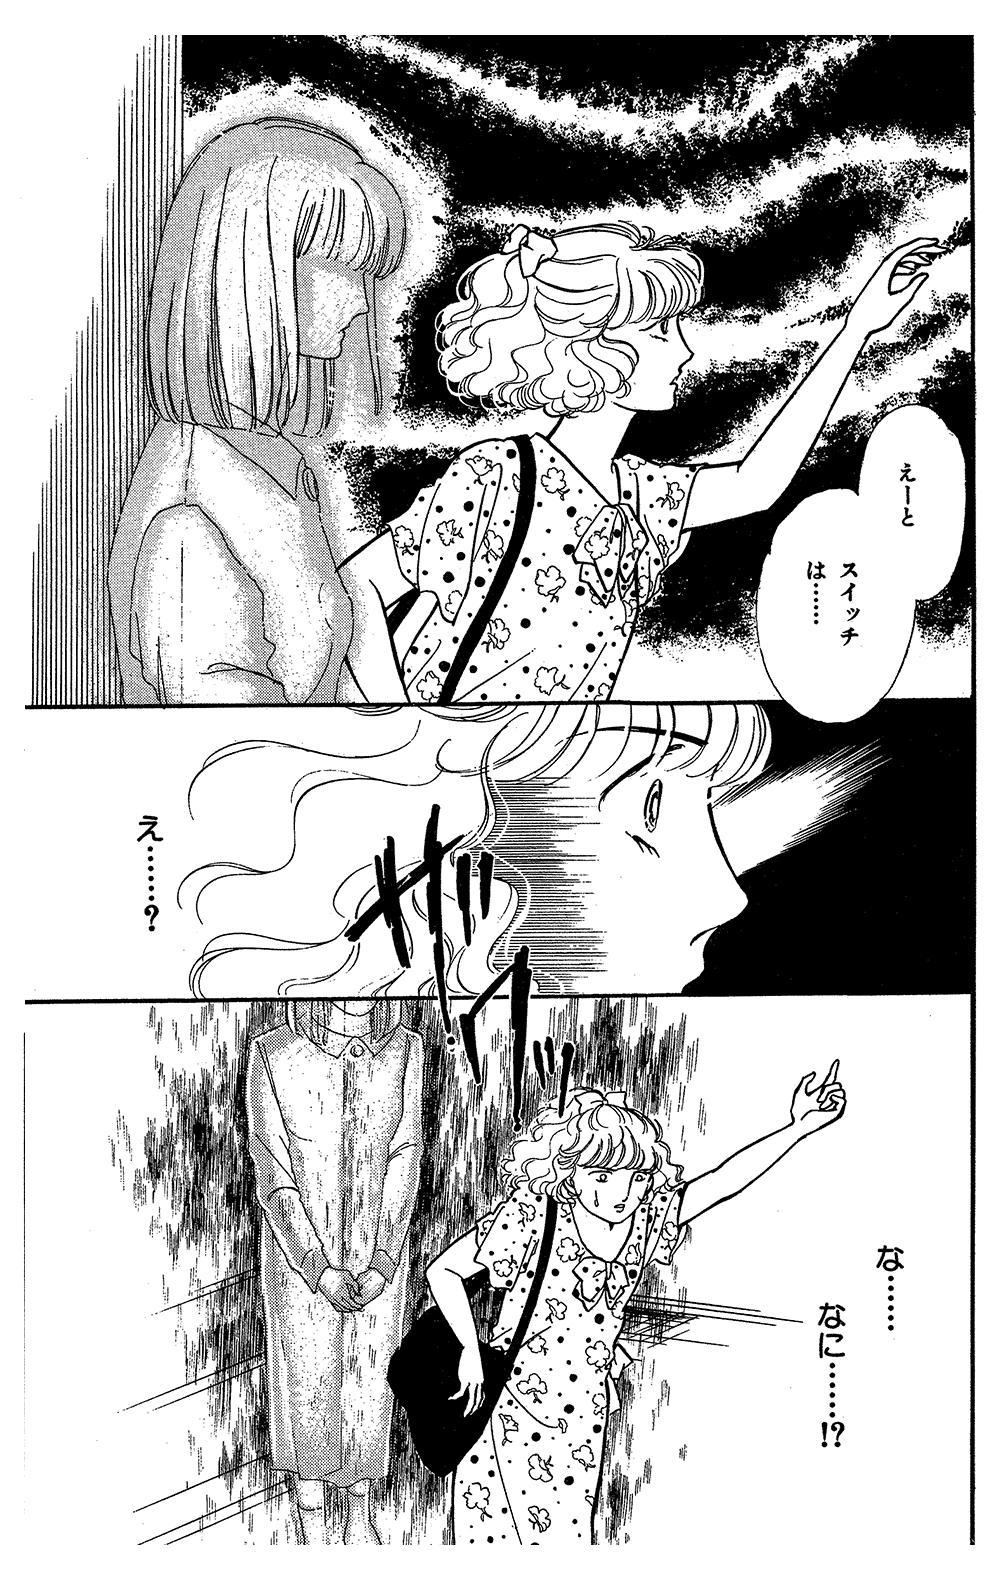 魔百合の恐怖報告 第1話「部屋の隅の白い影」①mayuri06.jpg